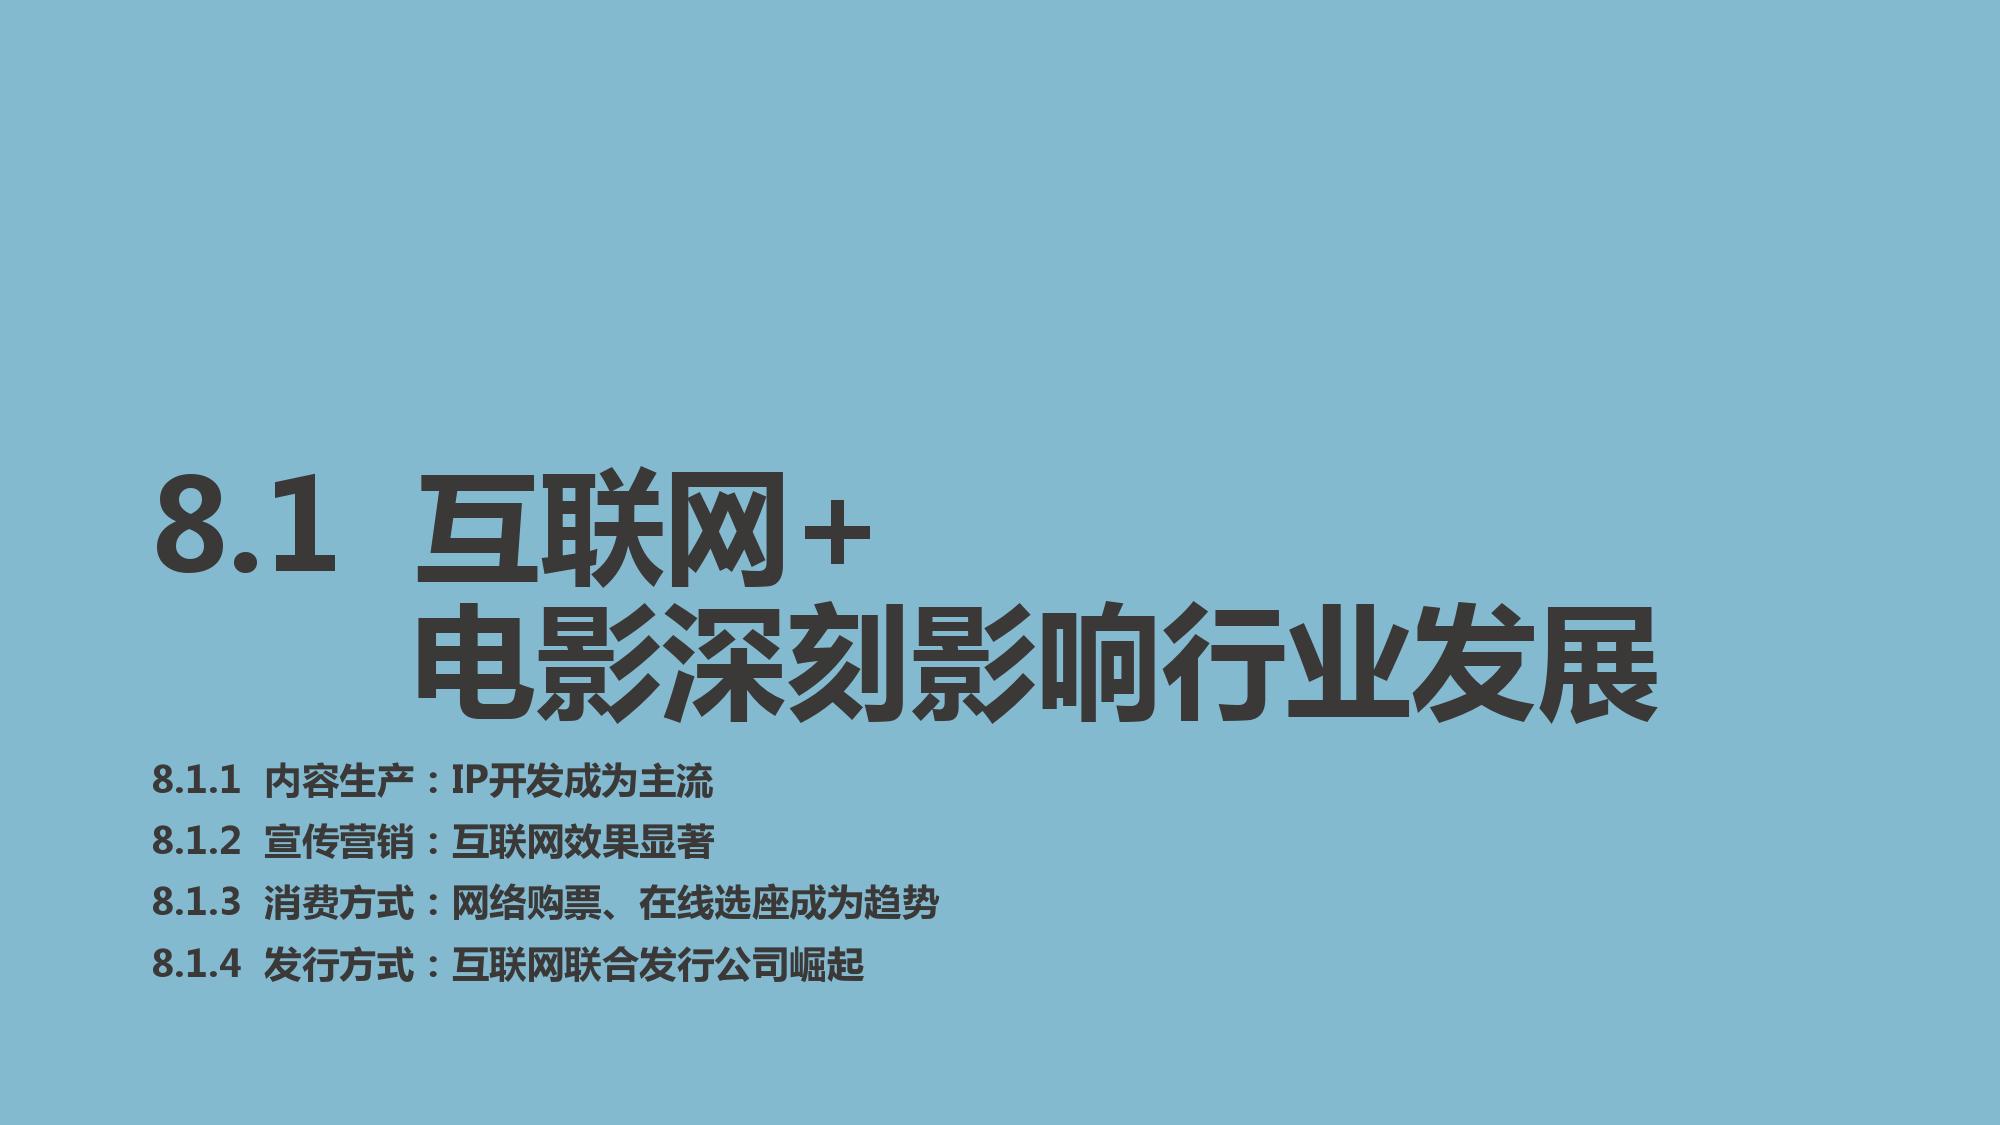 2015年度中国电影产业报告_000102